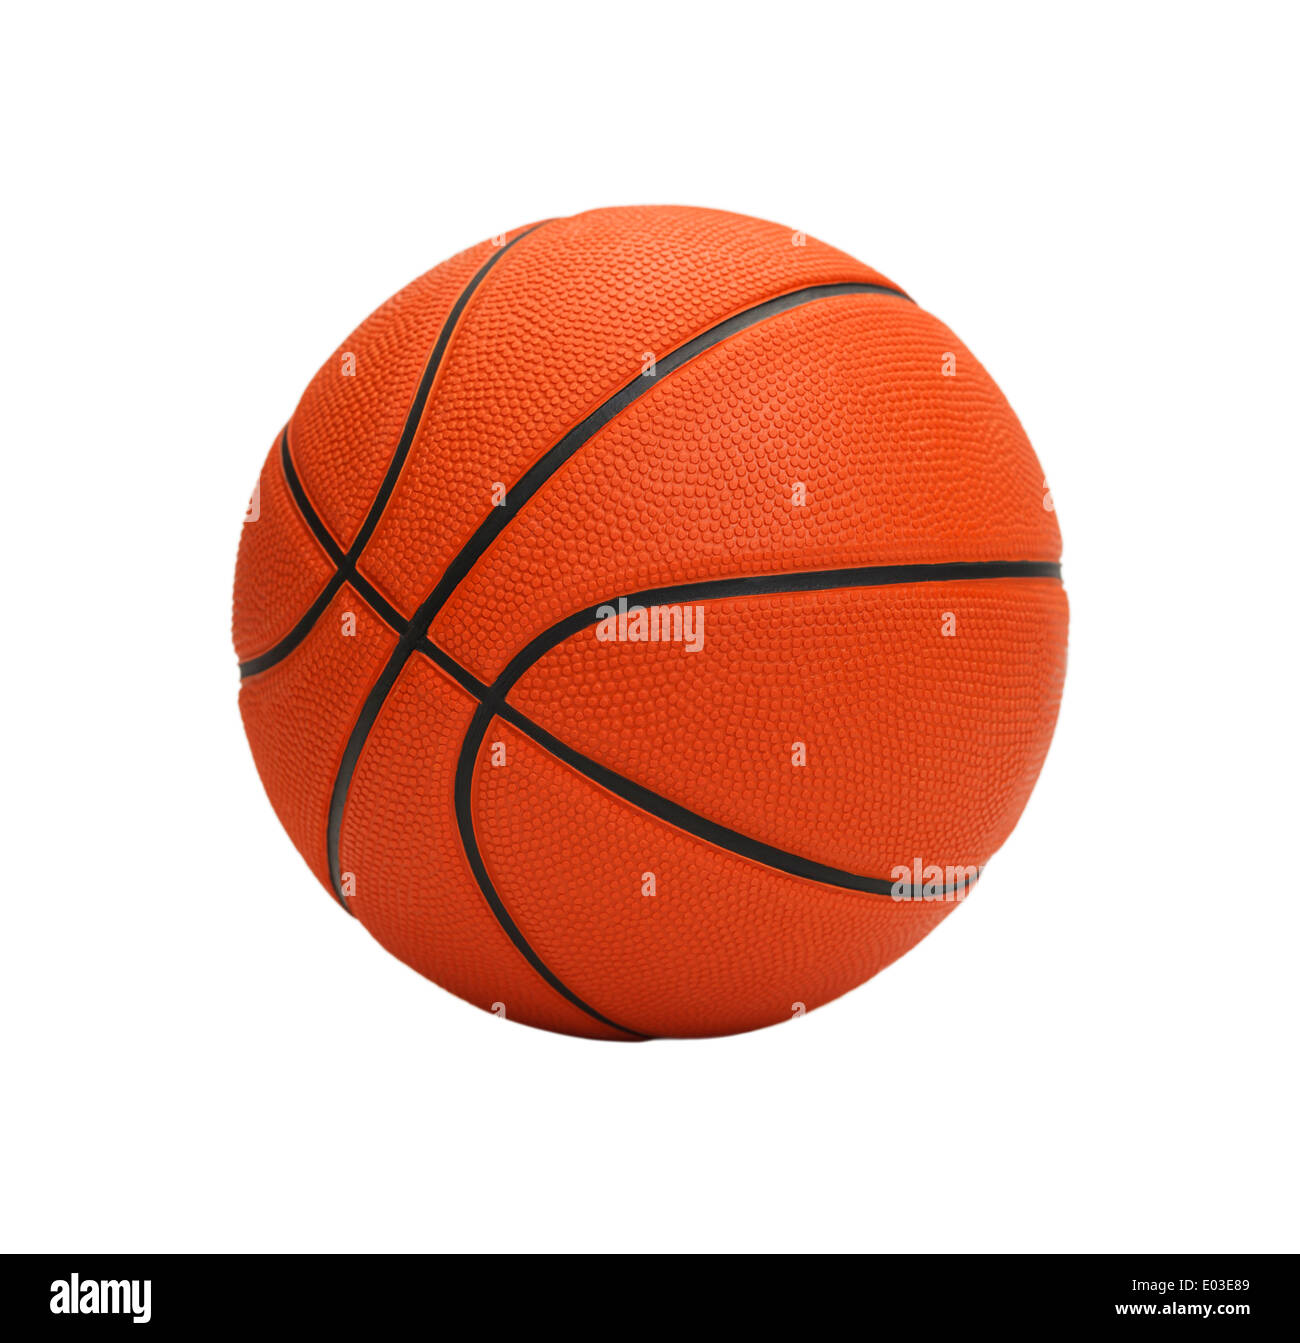 Orange Basketball, Isolated on White Background. Stockfoto